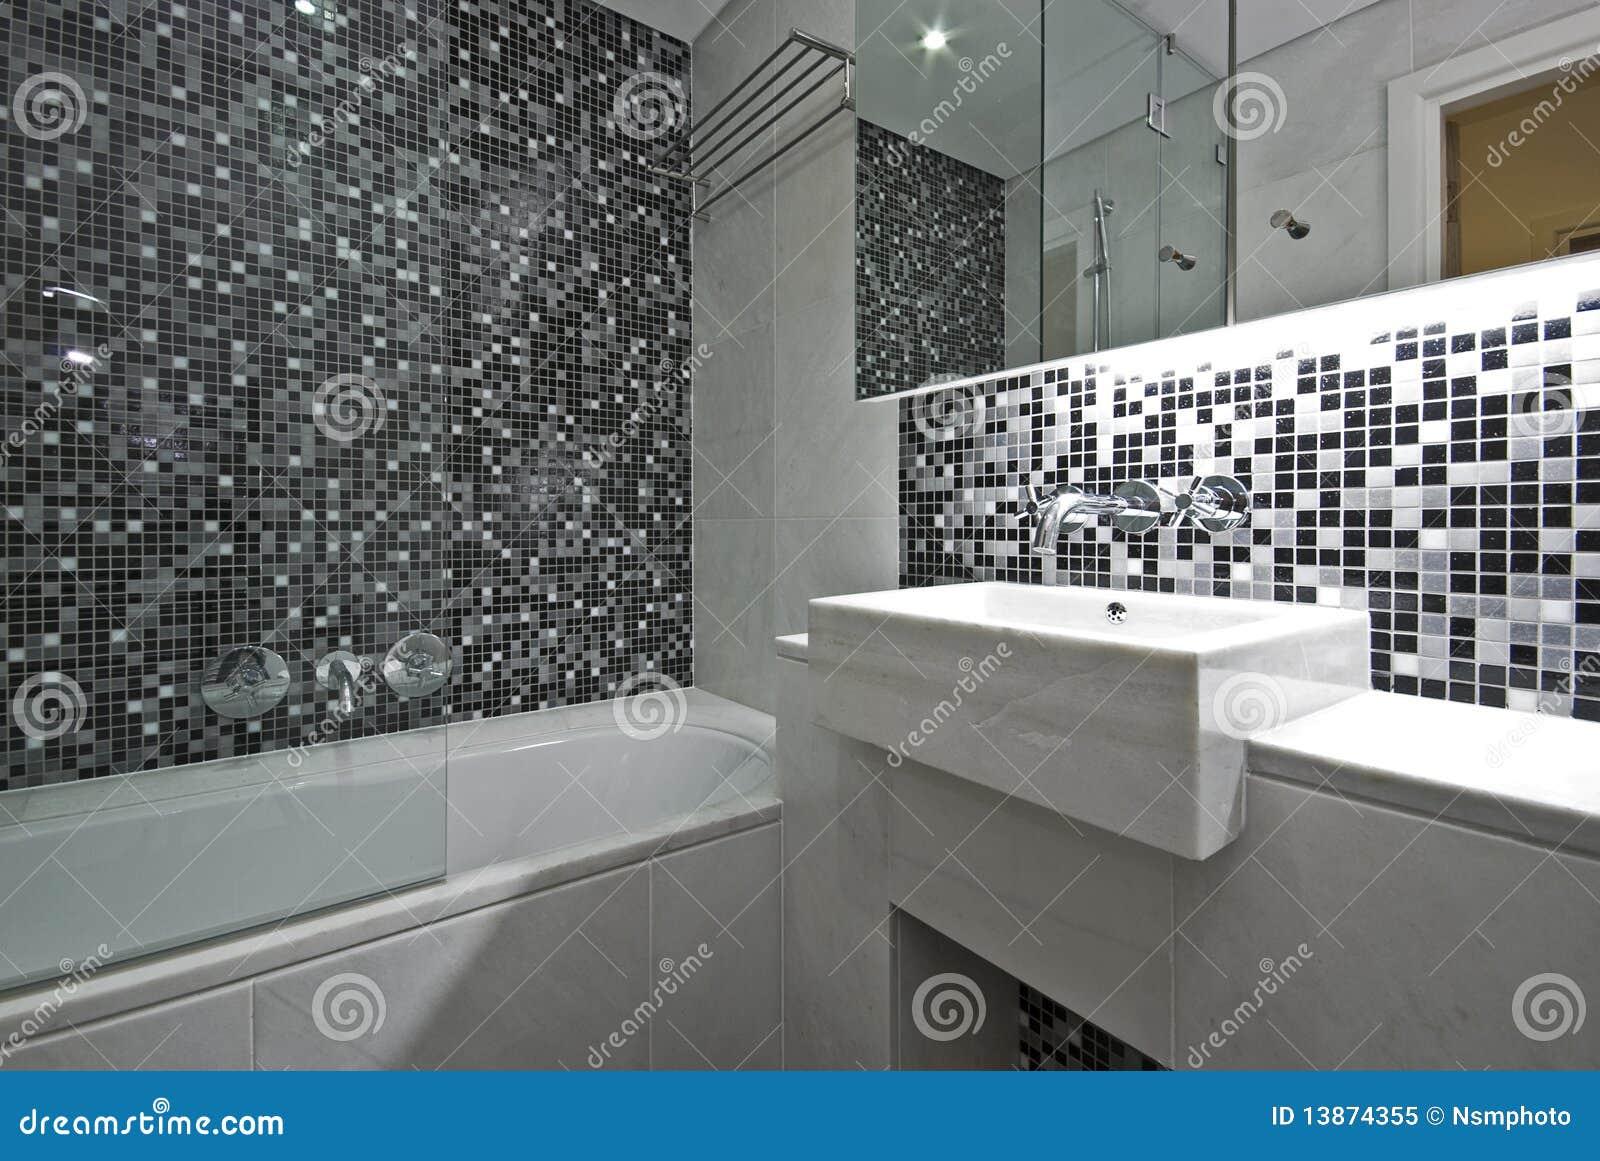 Mosaico Bagno Bianco E Nero ~ avienix.com for .